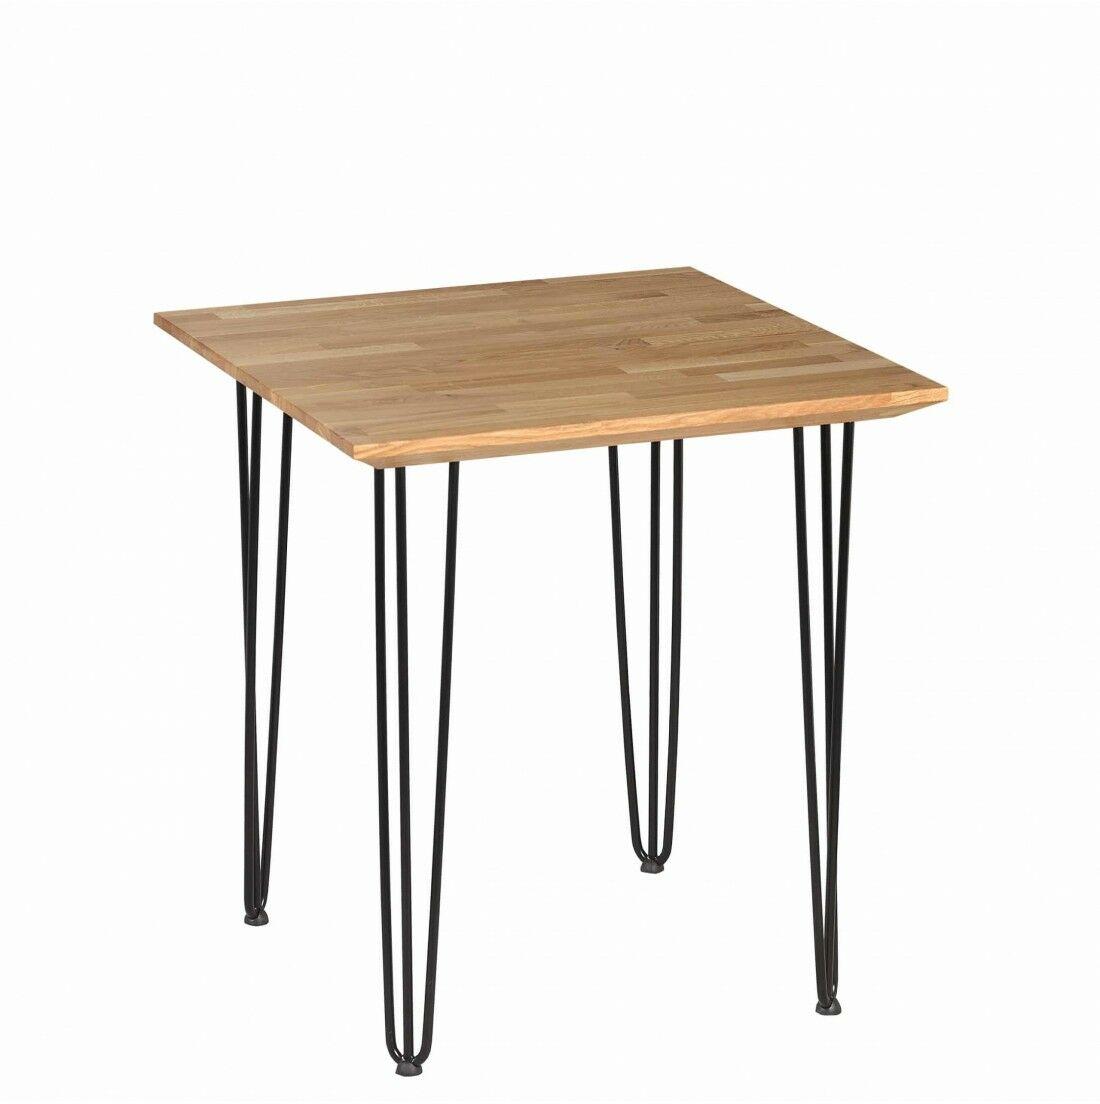 Stół loftowy dębowy Iron Oak Wysokość - 750, Wymiar - 700x700, Typ nogi - hairpin, 3-prętowe, Grubość blatu - 40